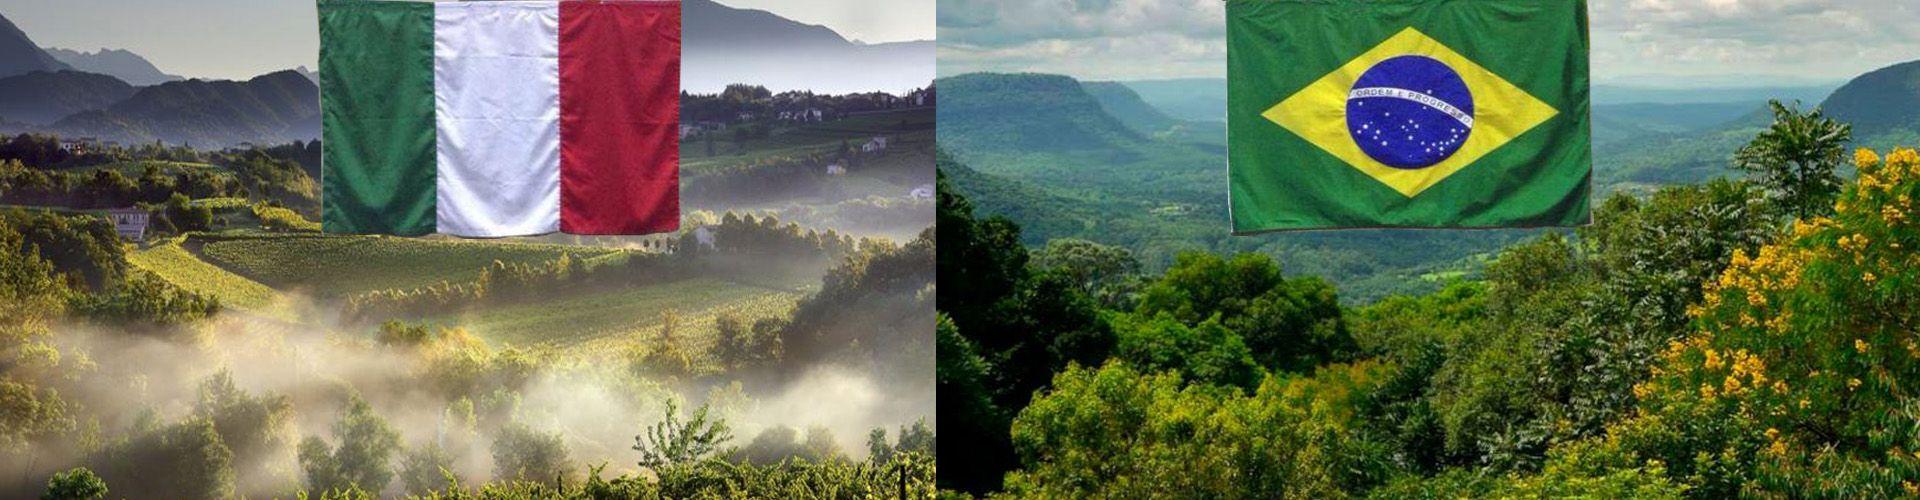 Paisagem do Vêneto e paisagem da Serra Gaúcha.